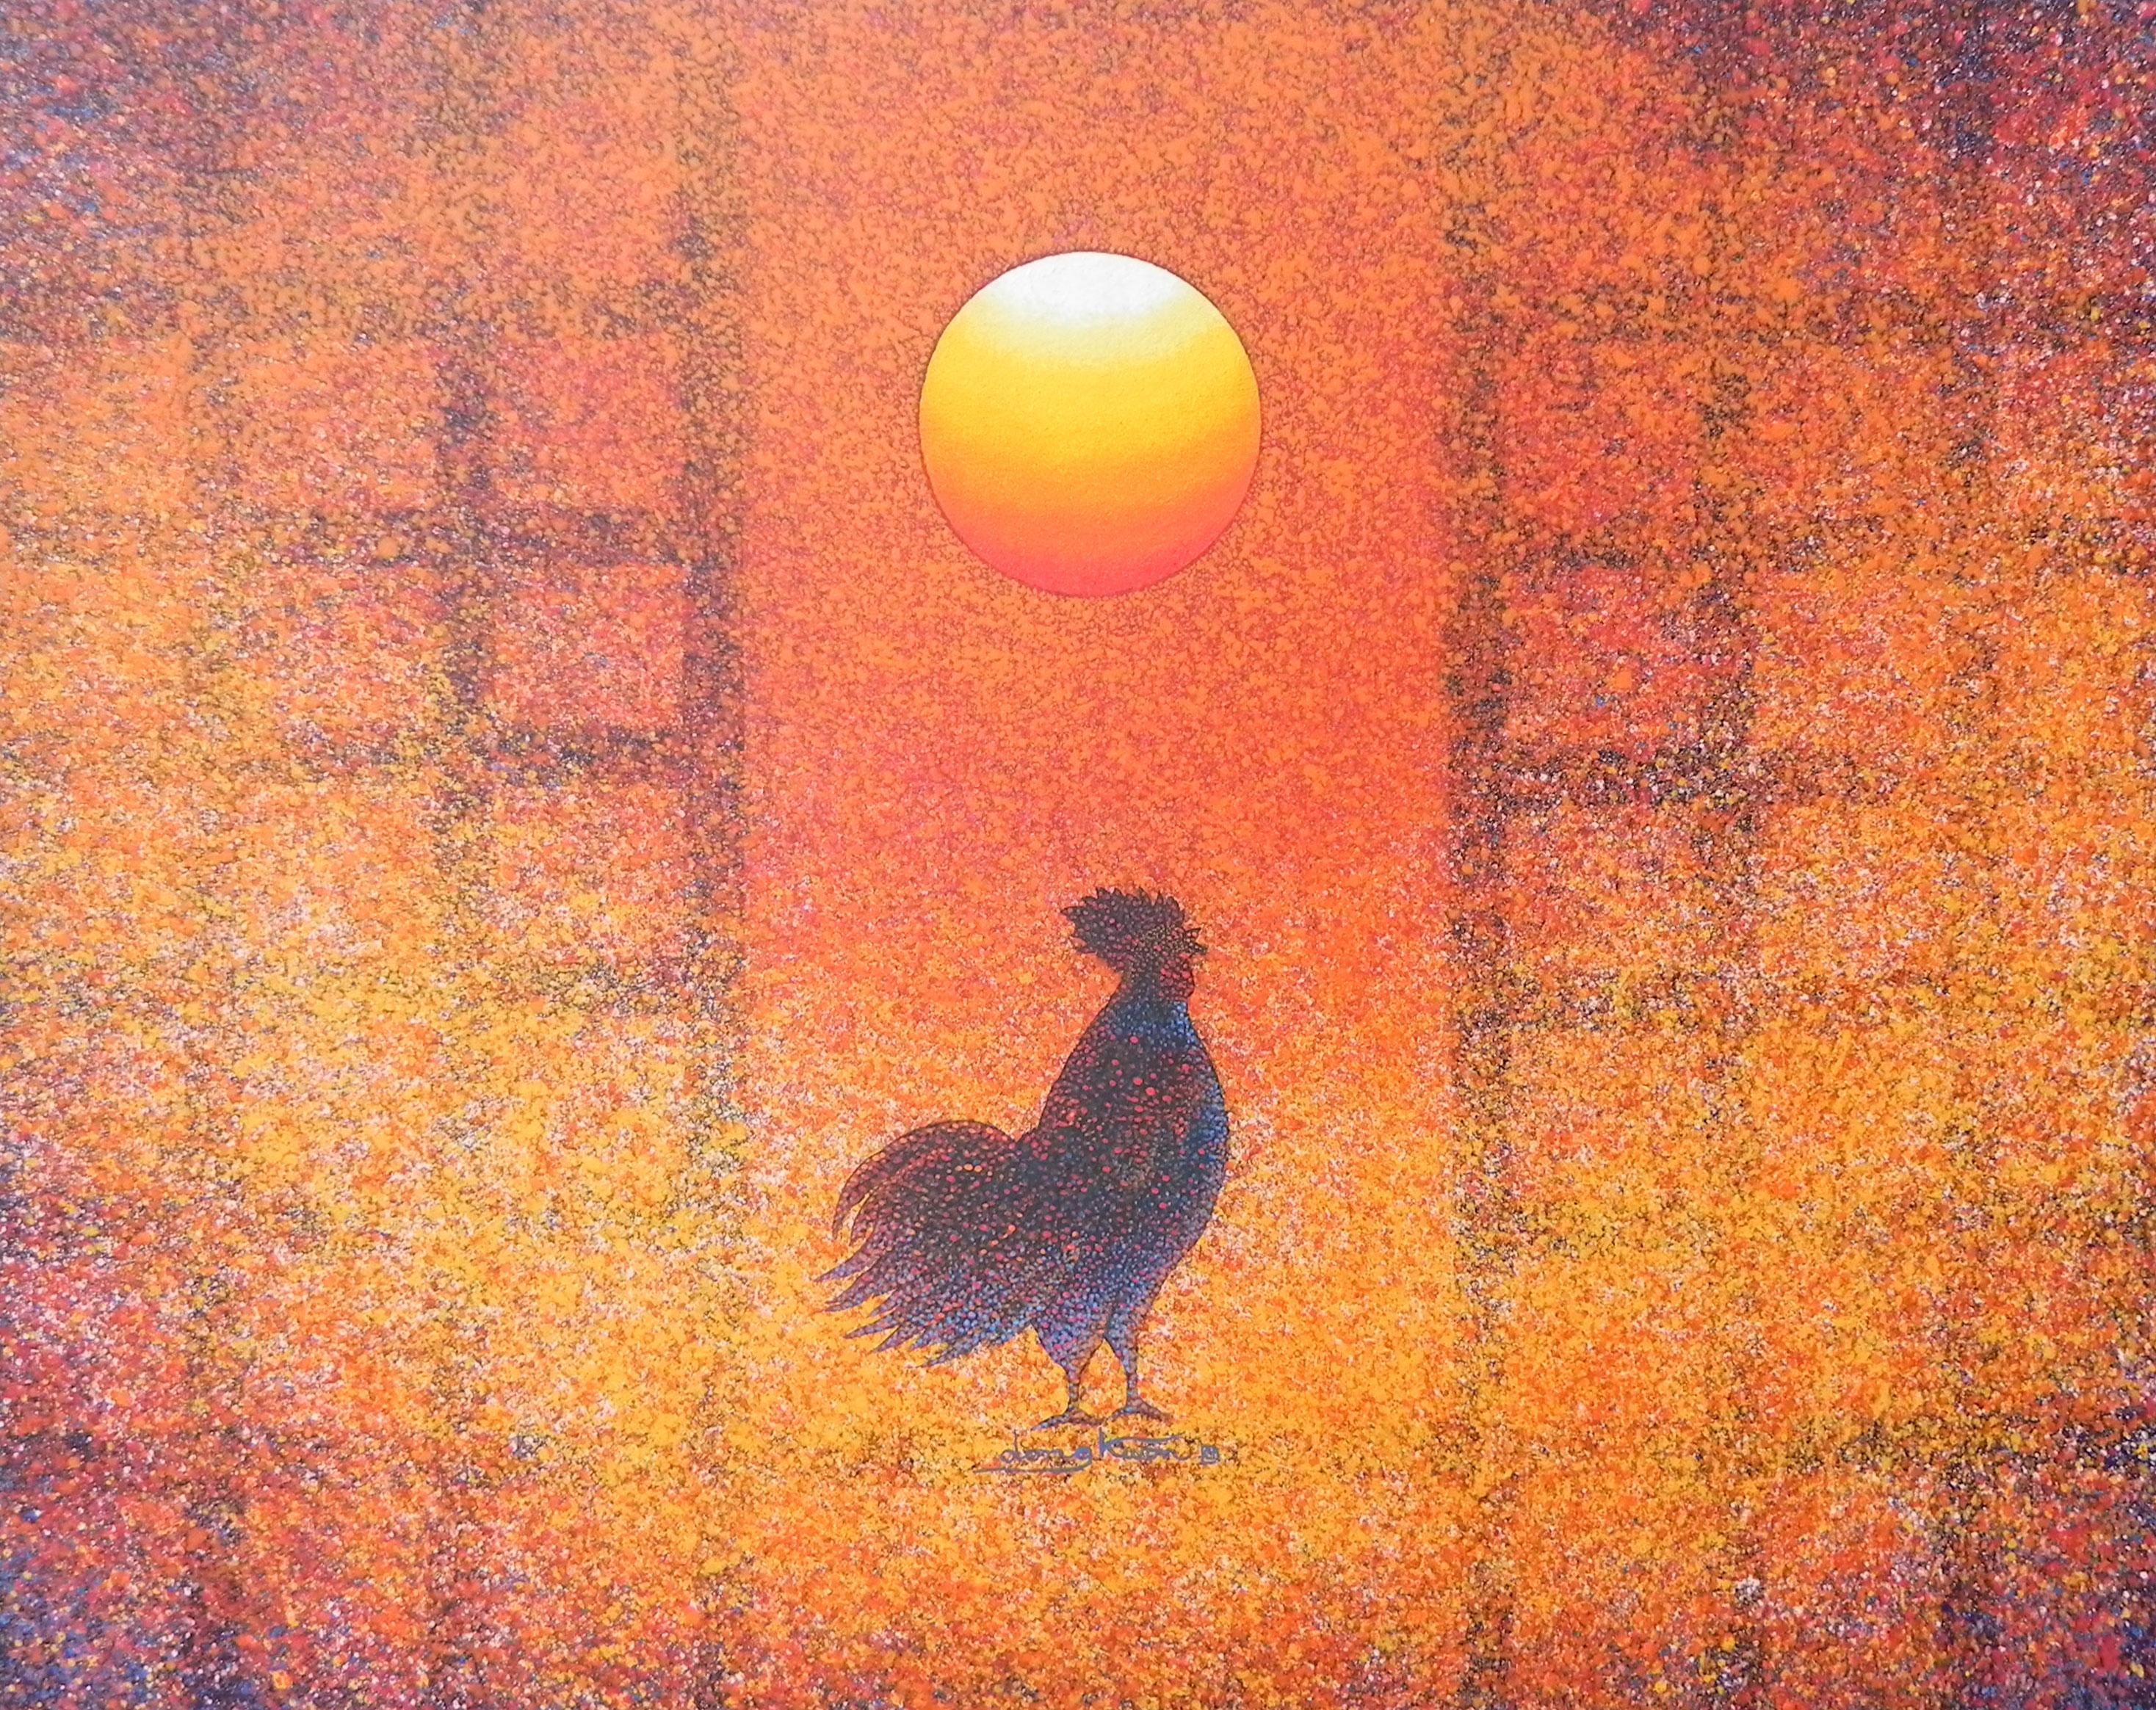 신동권, 日出 - 信望愛, 90.9x72.7cm, 캔버스 위에 아크릴